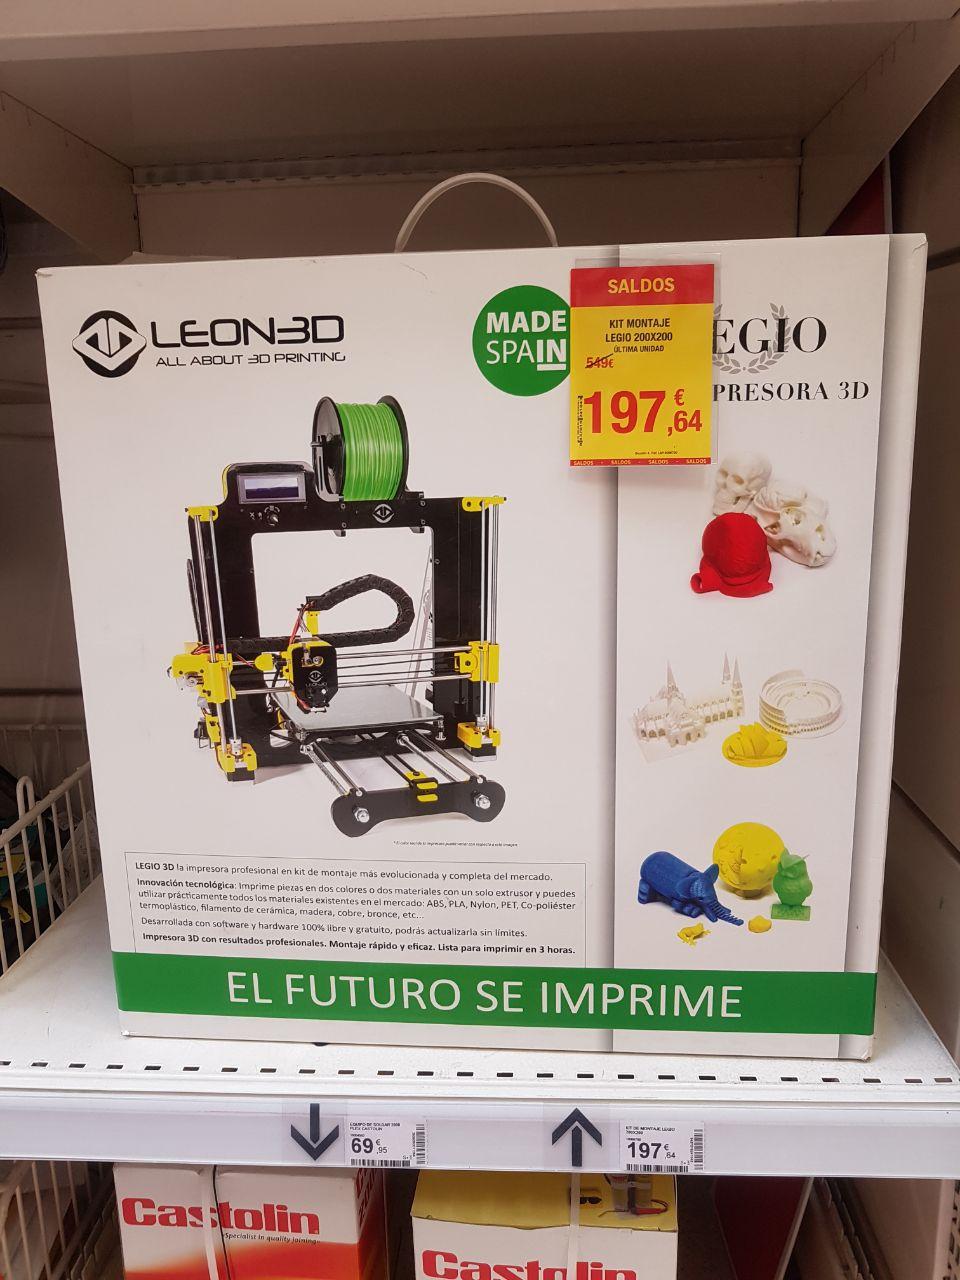 Impresora 3D Leon 3D LEGIO 200x200